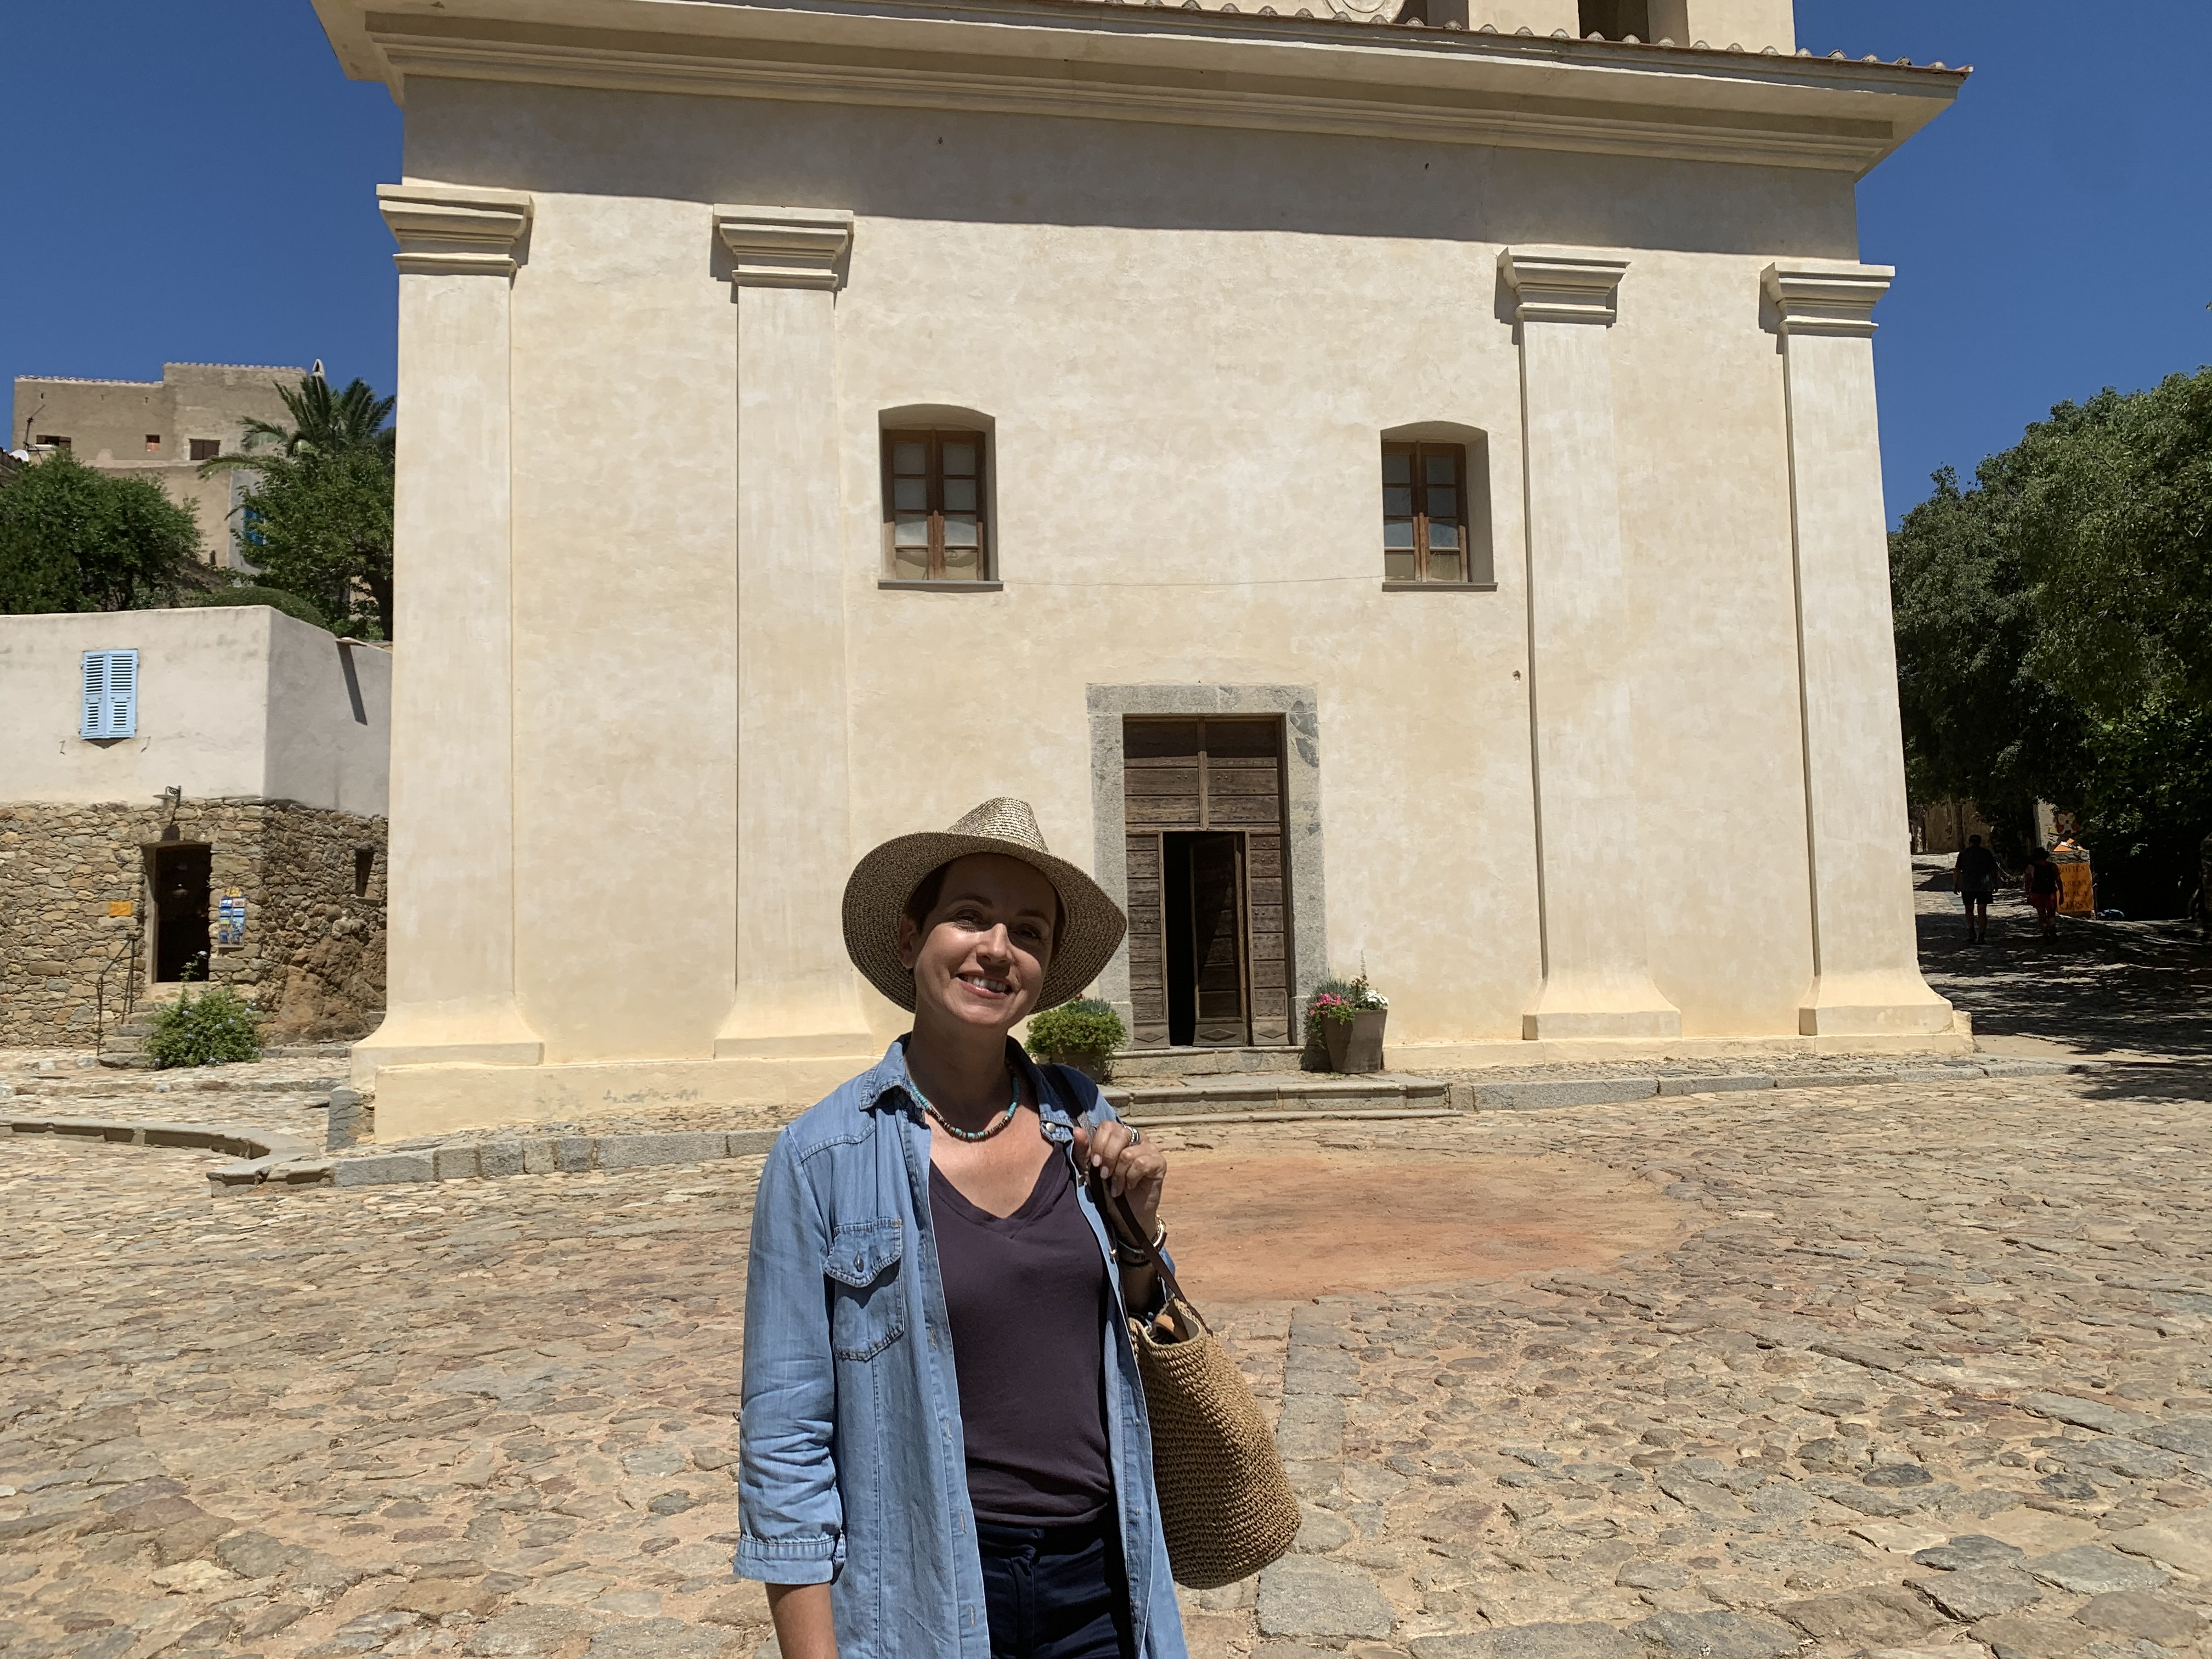 Echappées Belles en Haute-Corse : l'émission de France 5 à la découverte de l'ile